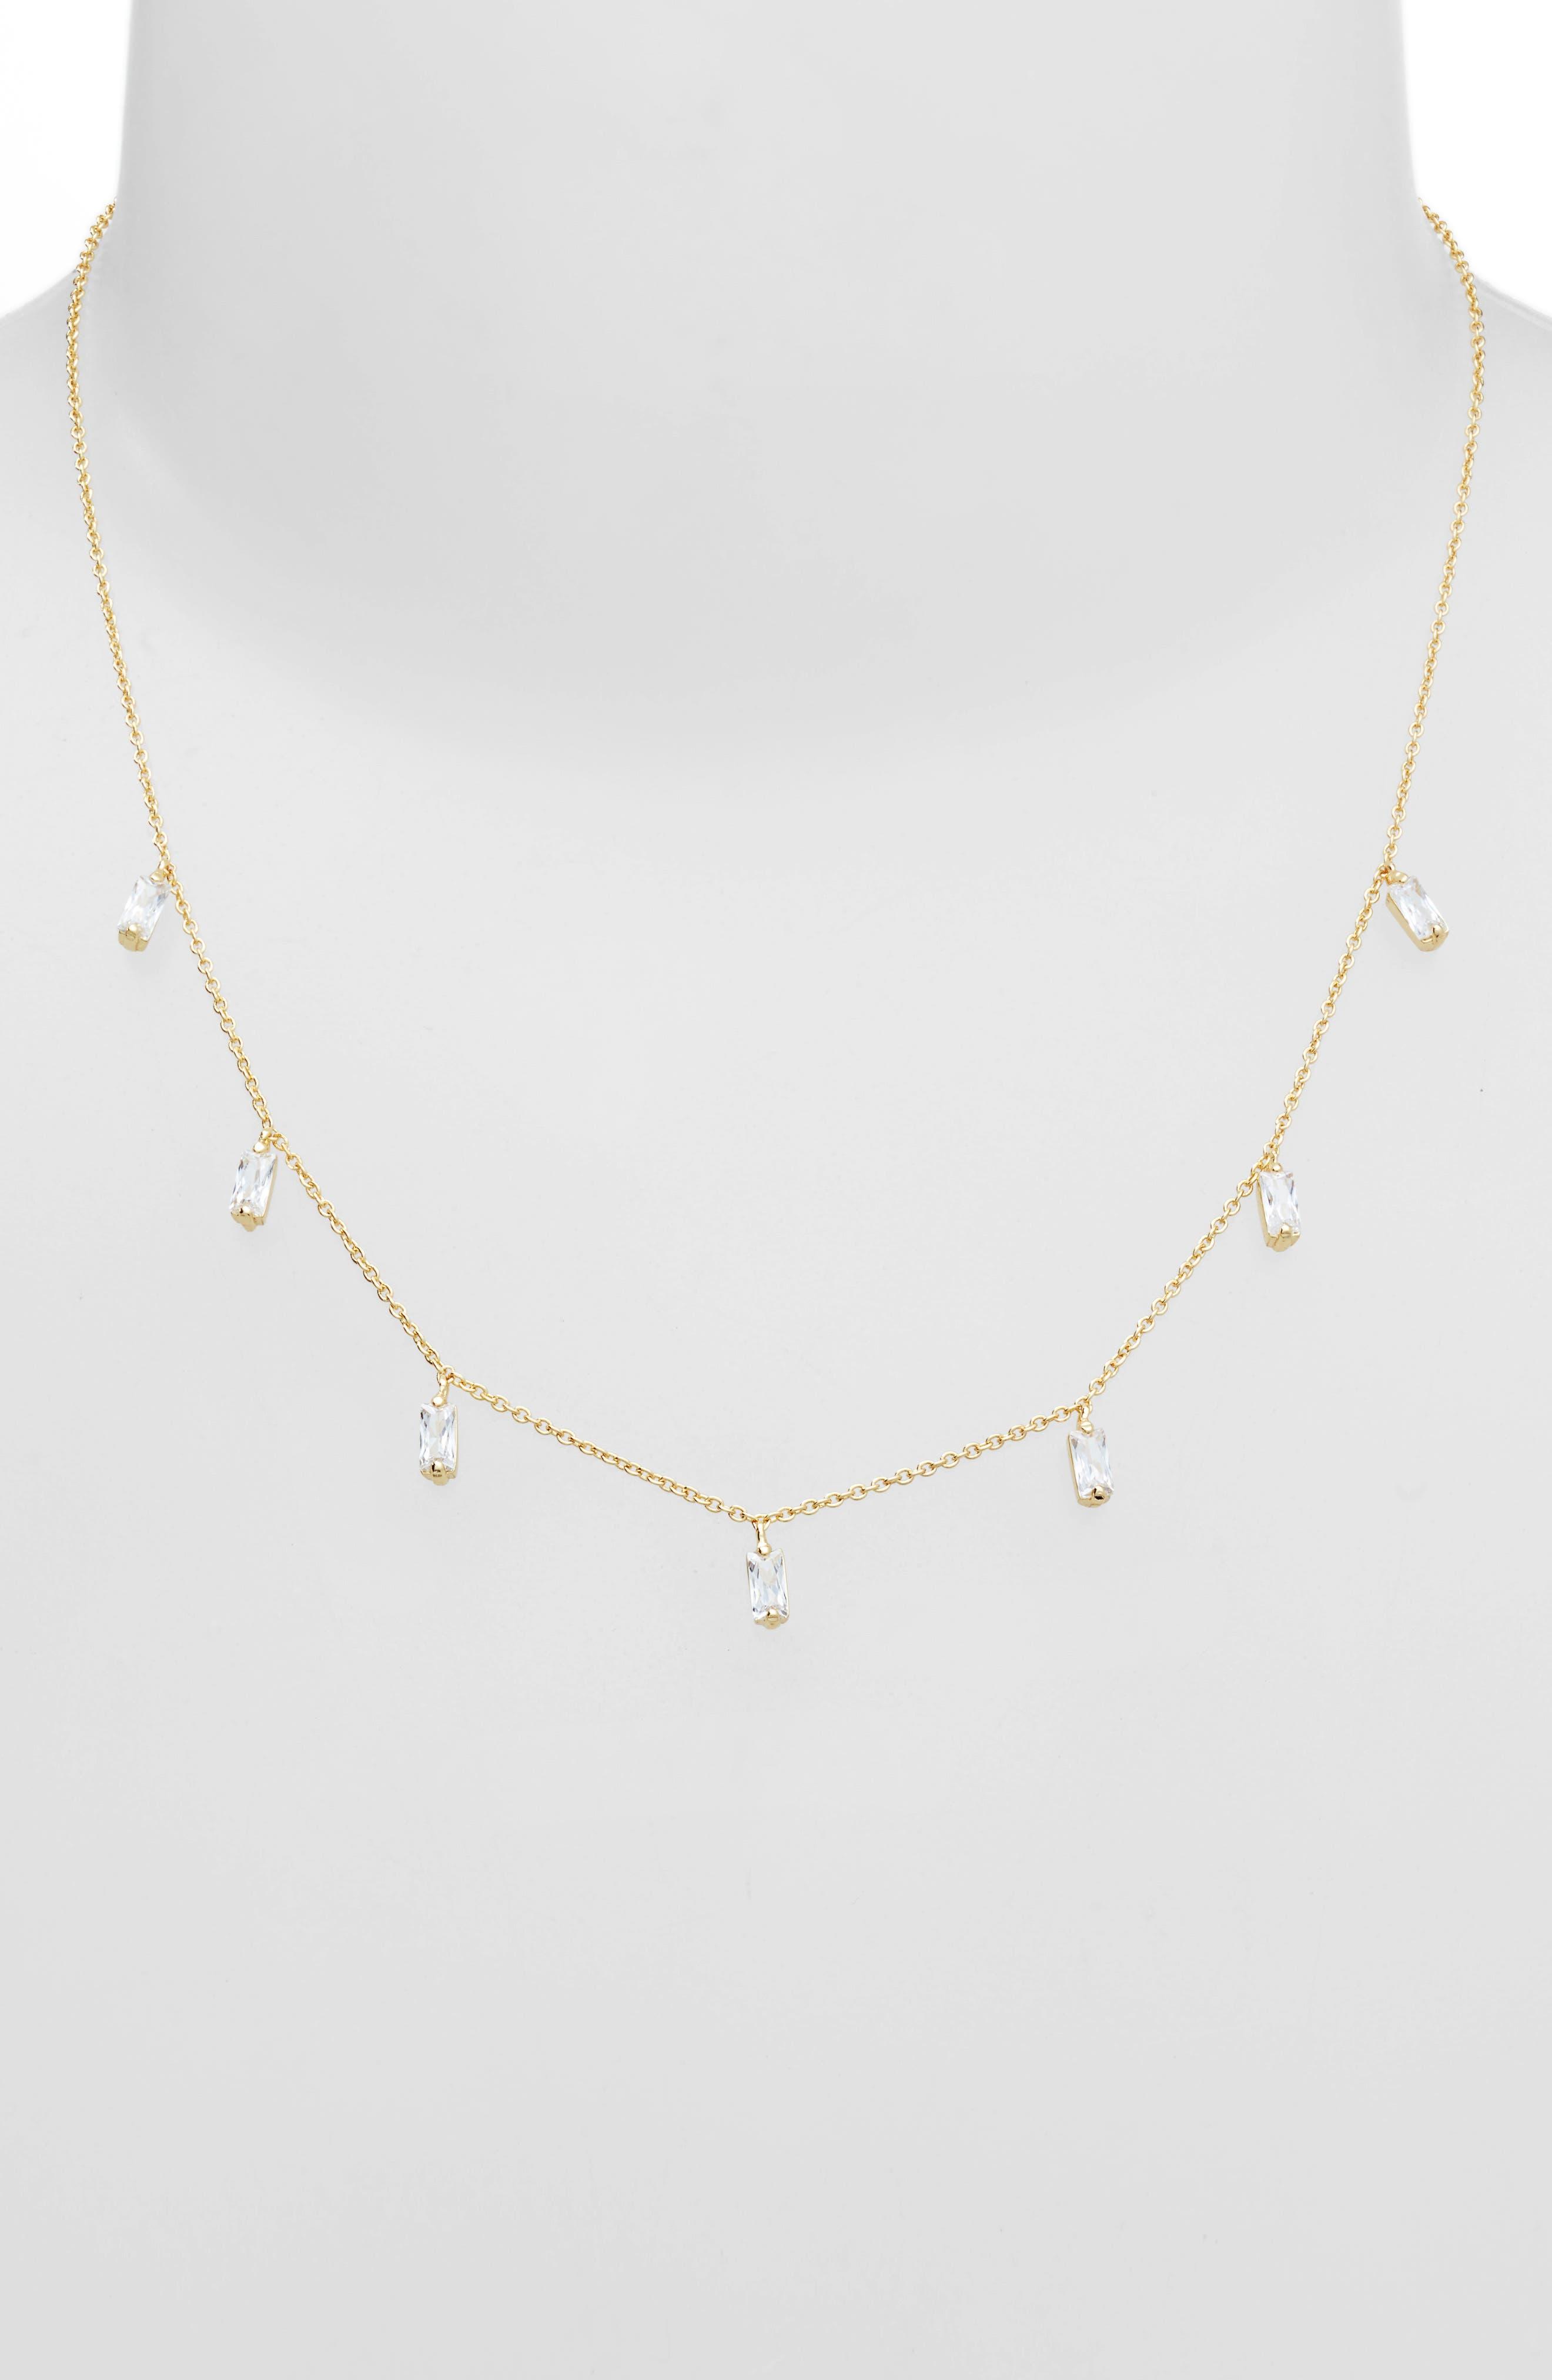 GORJANA,                             Amara Crystal Fringe Necklace,                             Alternate thumbnail 2, color,                             JEWEL/ GOLD